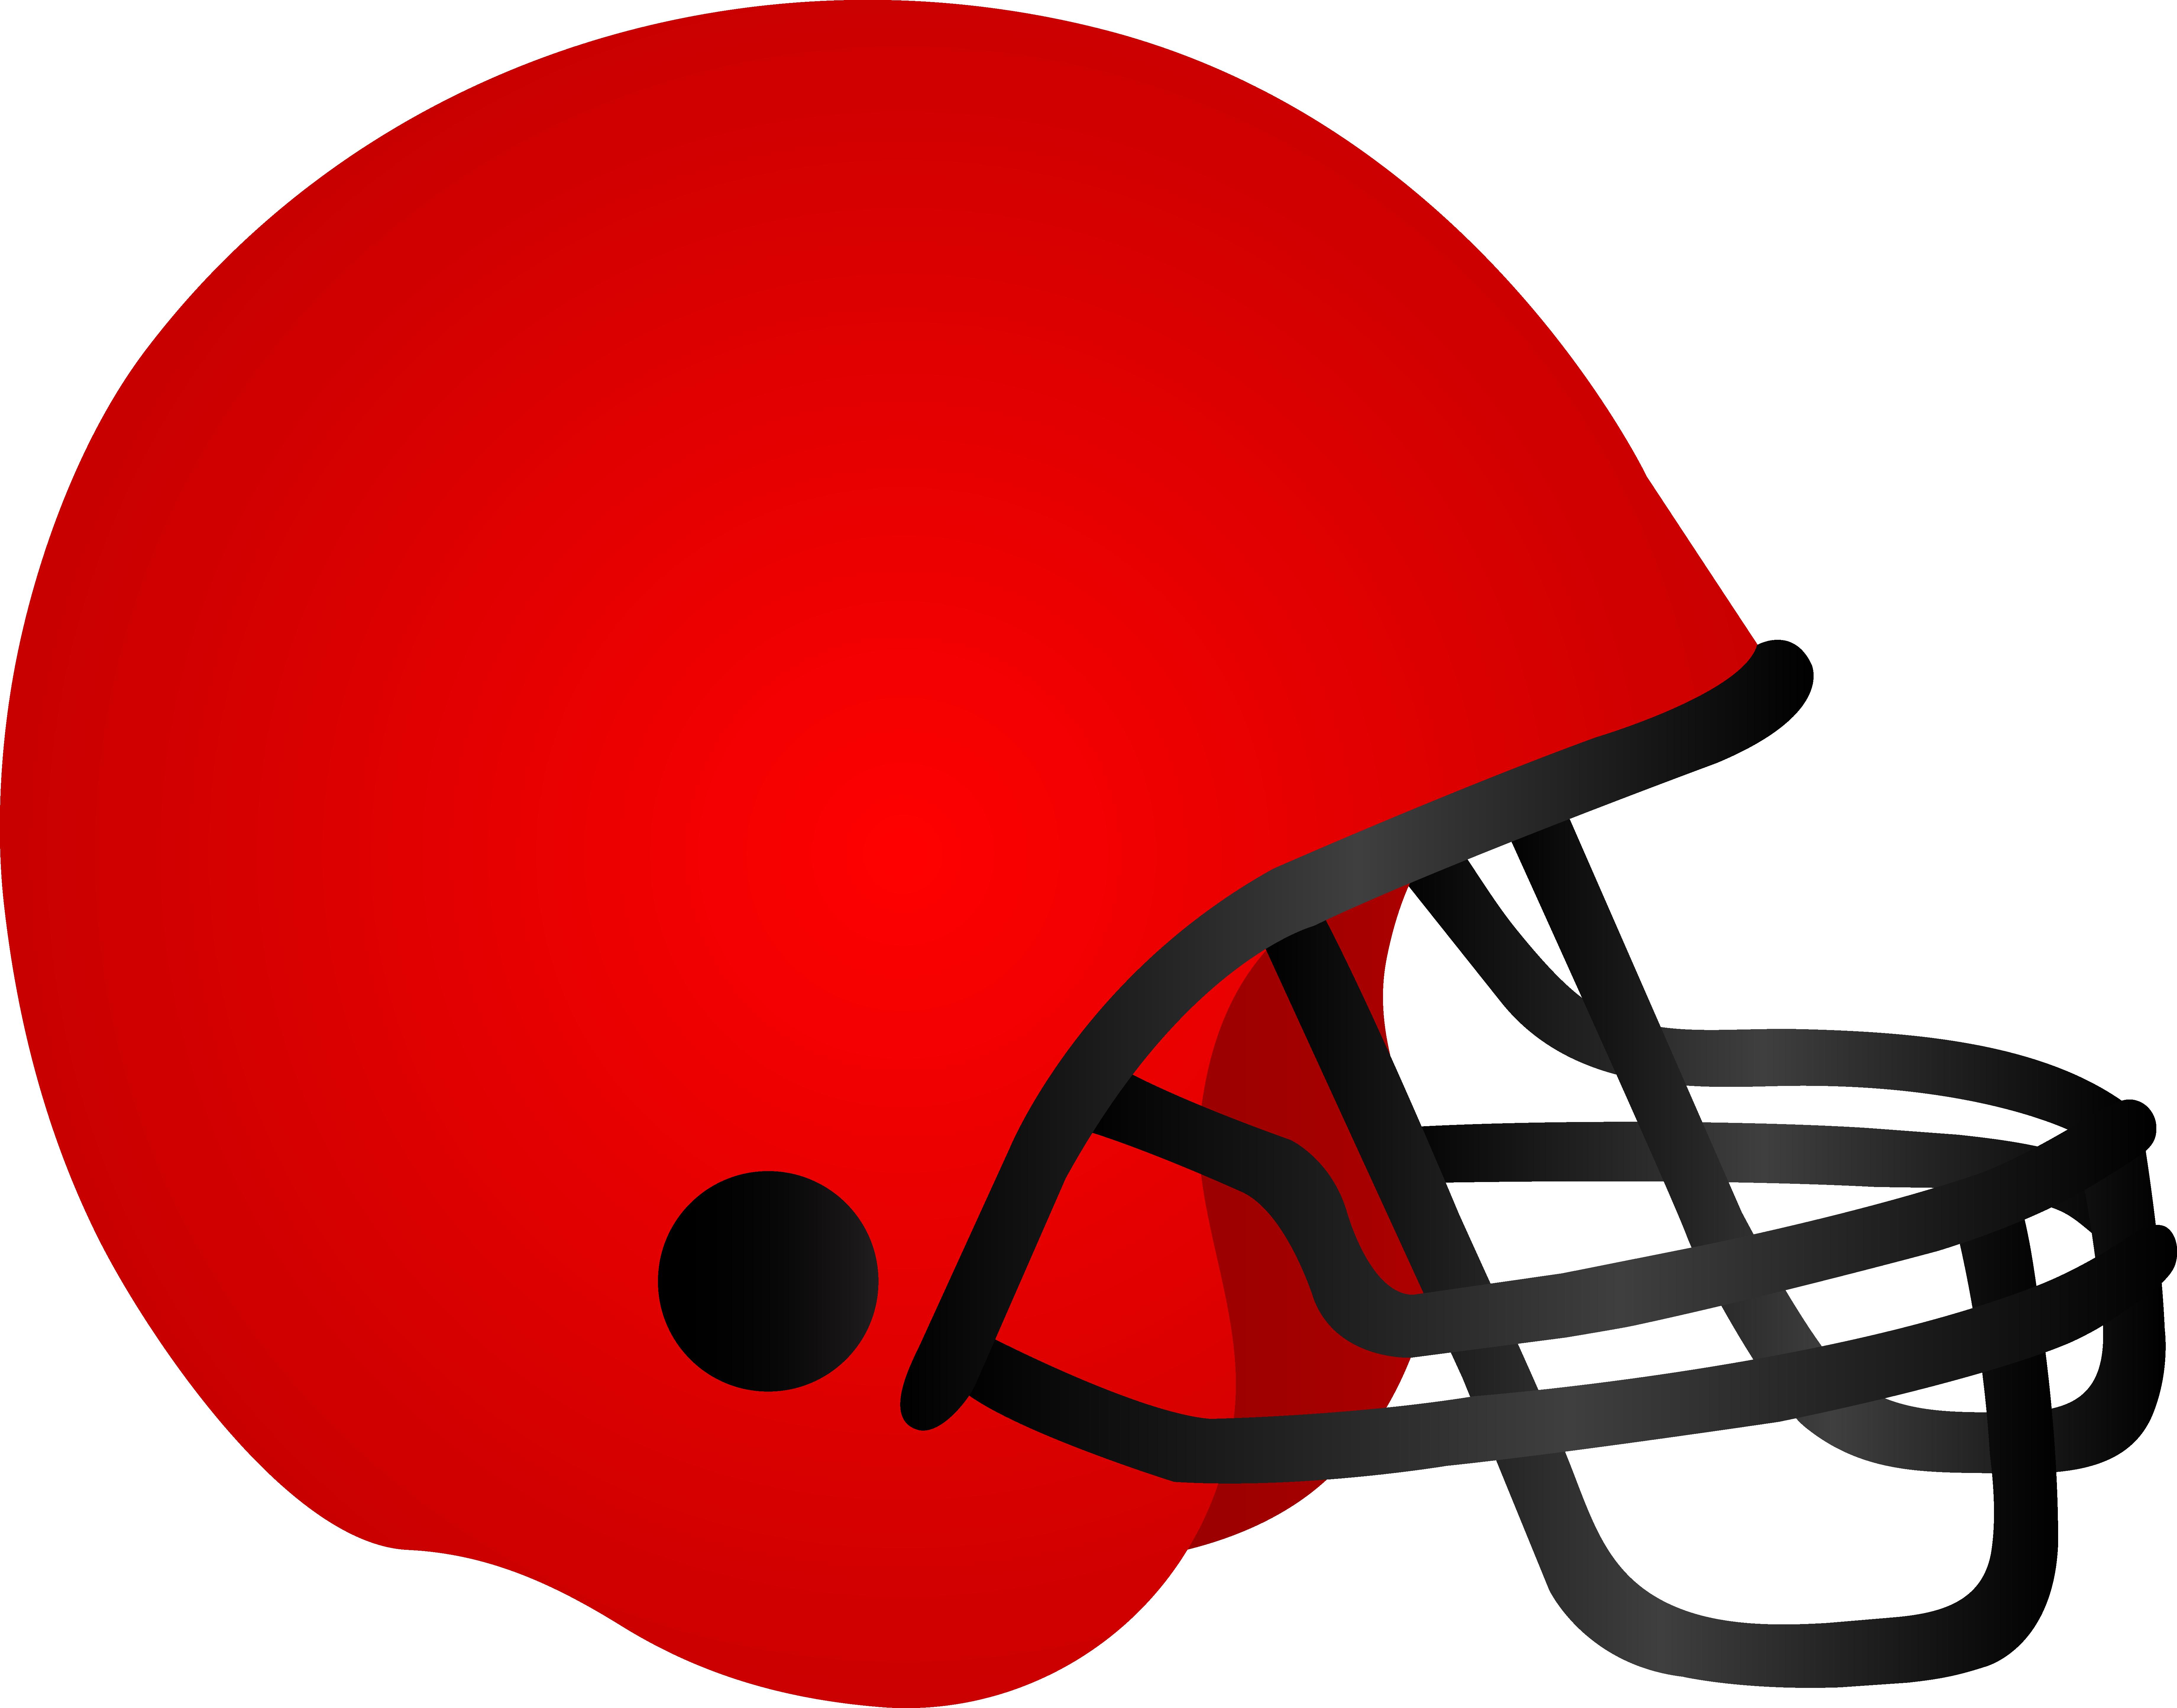 7362x5777 Football Helmet Pencil Drawing Clipart Panda